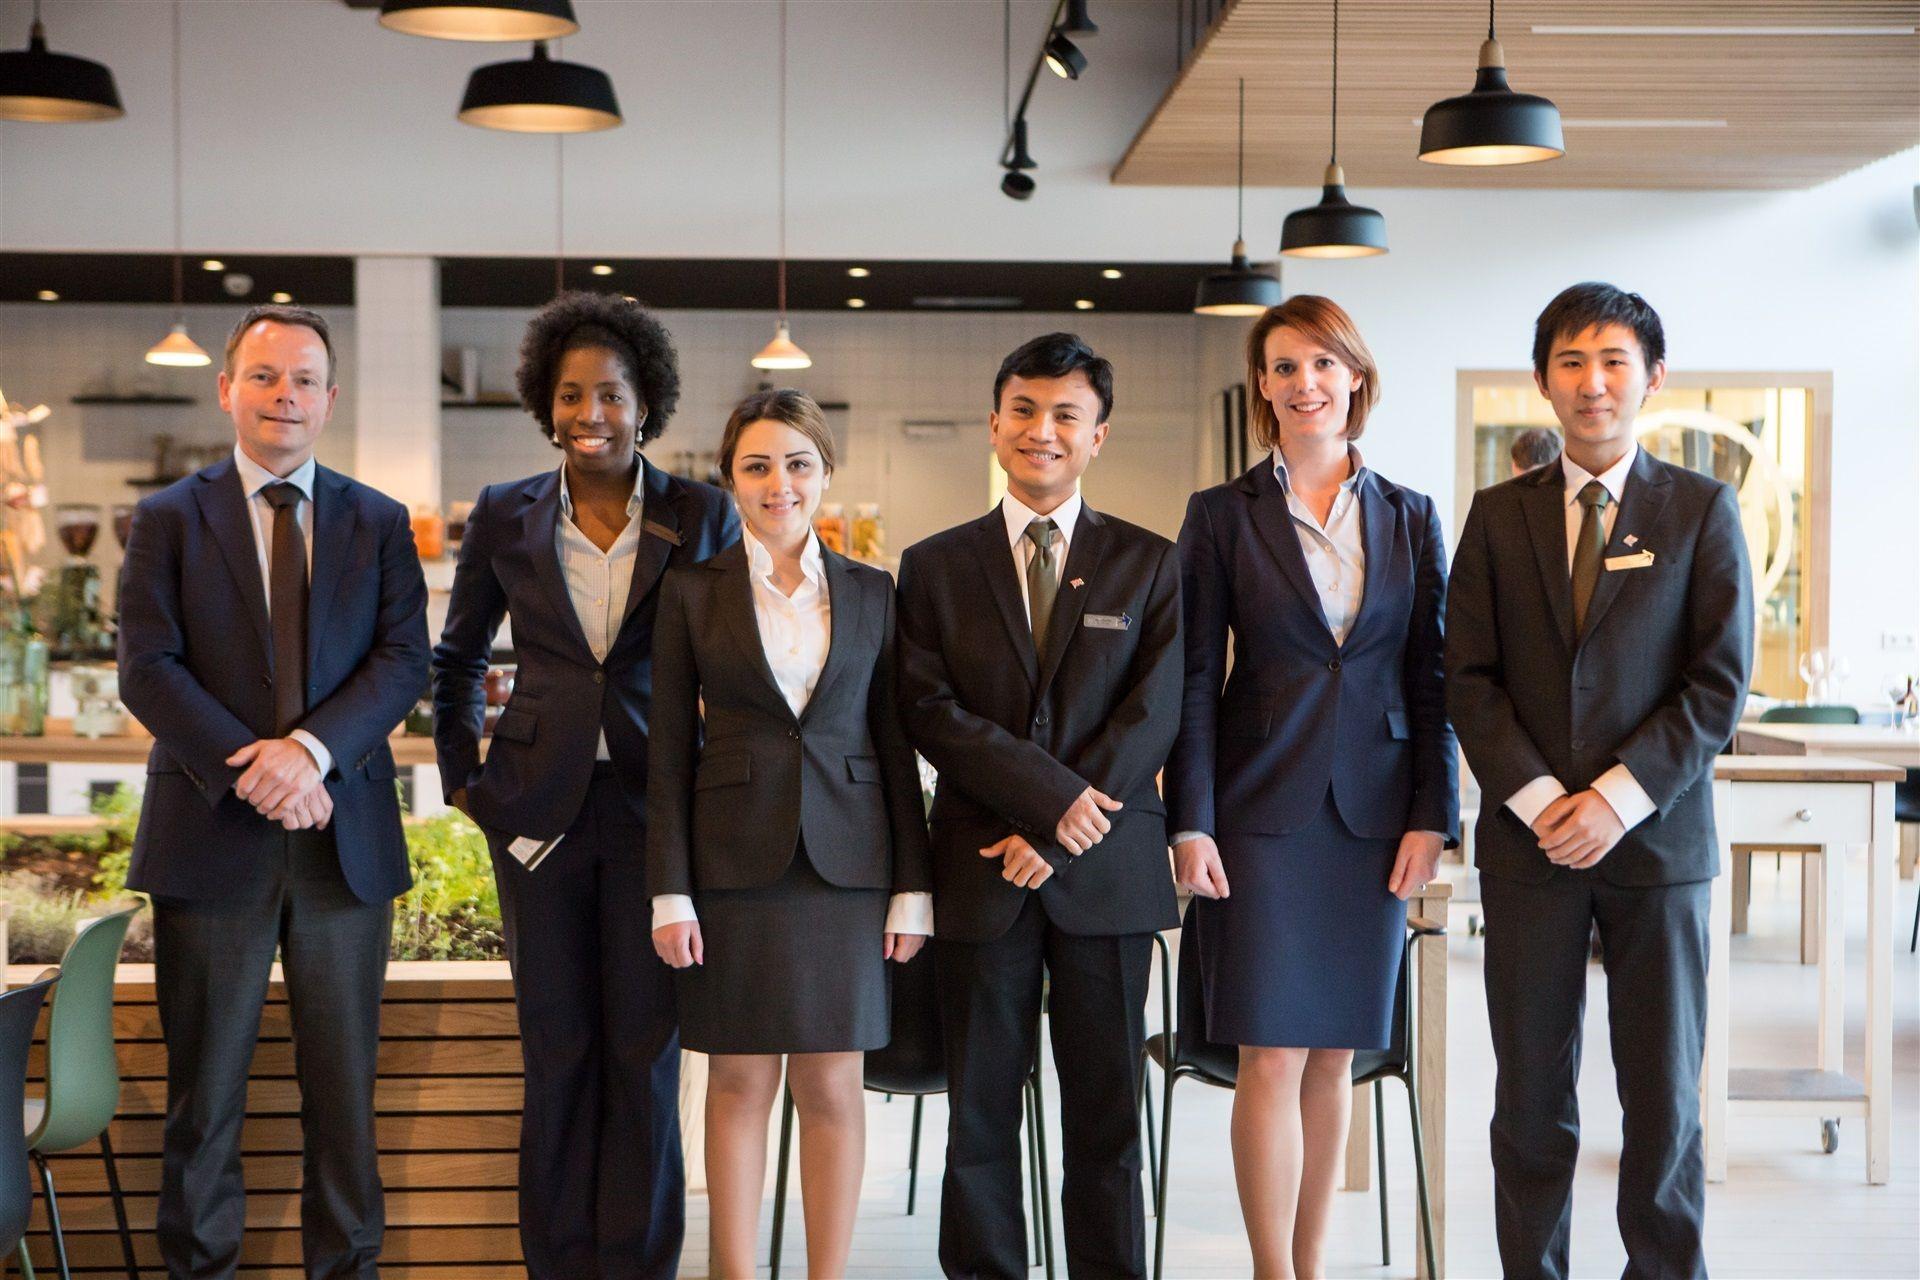 Đại học Stenden – Ngôi trường dẫn đầu Hà Lan về chất lượng đào tạo ngành Du lịch – Nhà hàng – Khách sạn